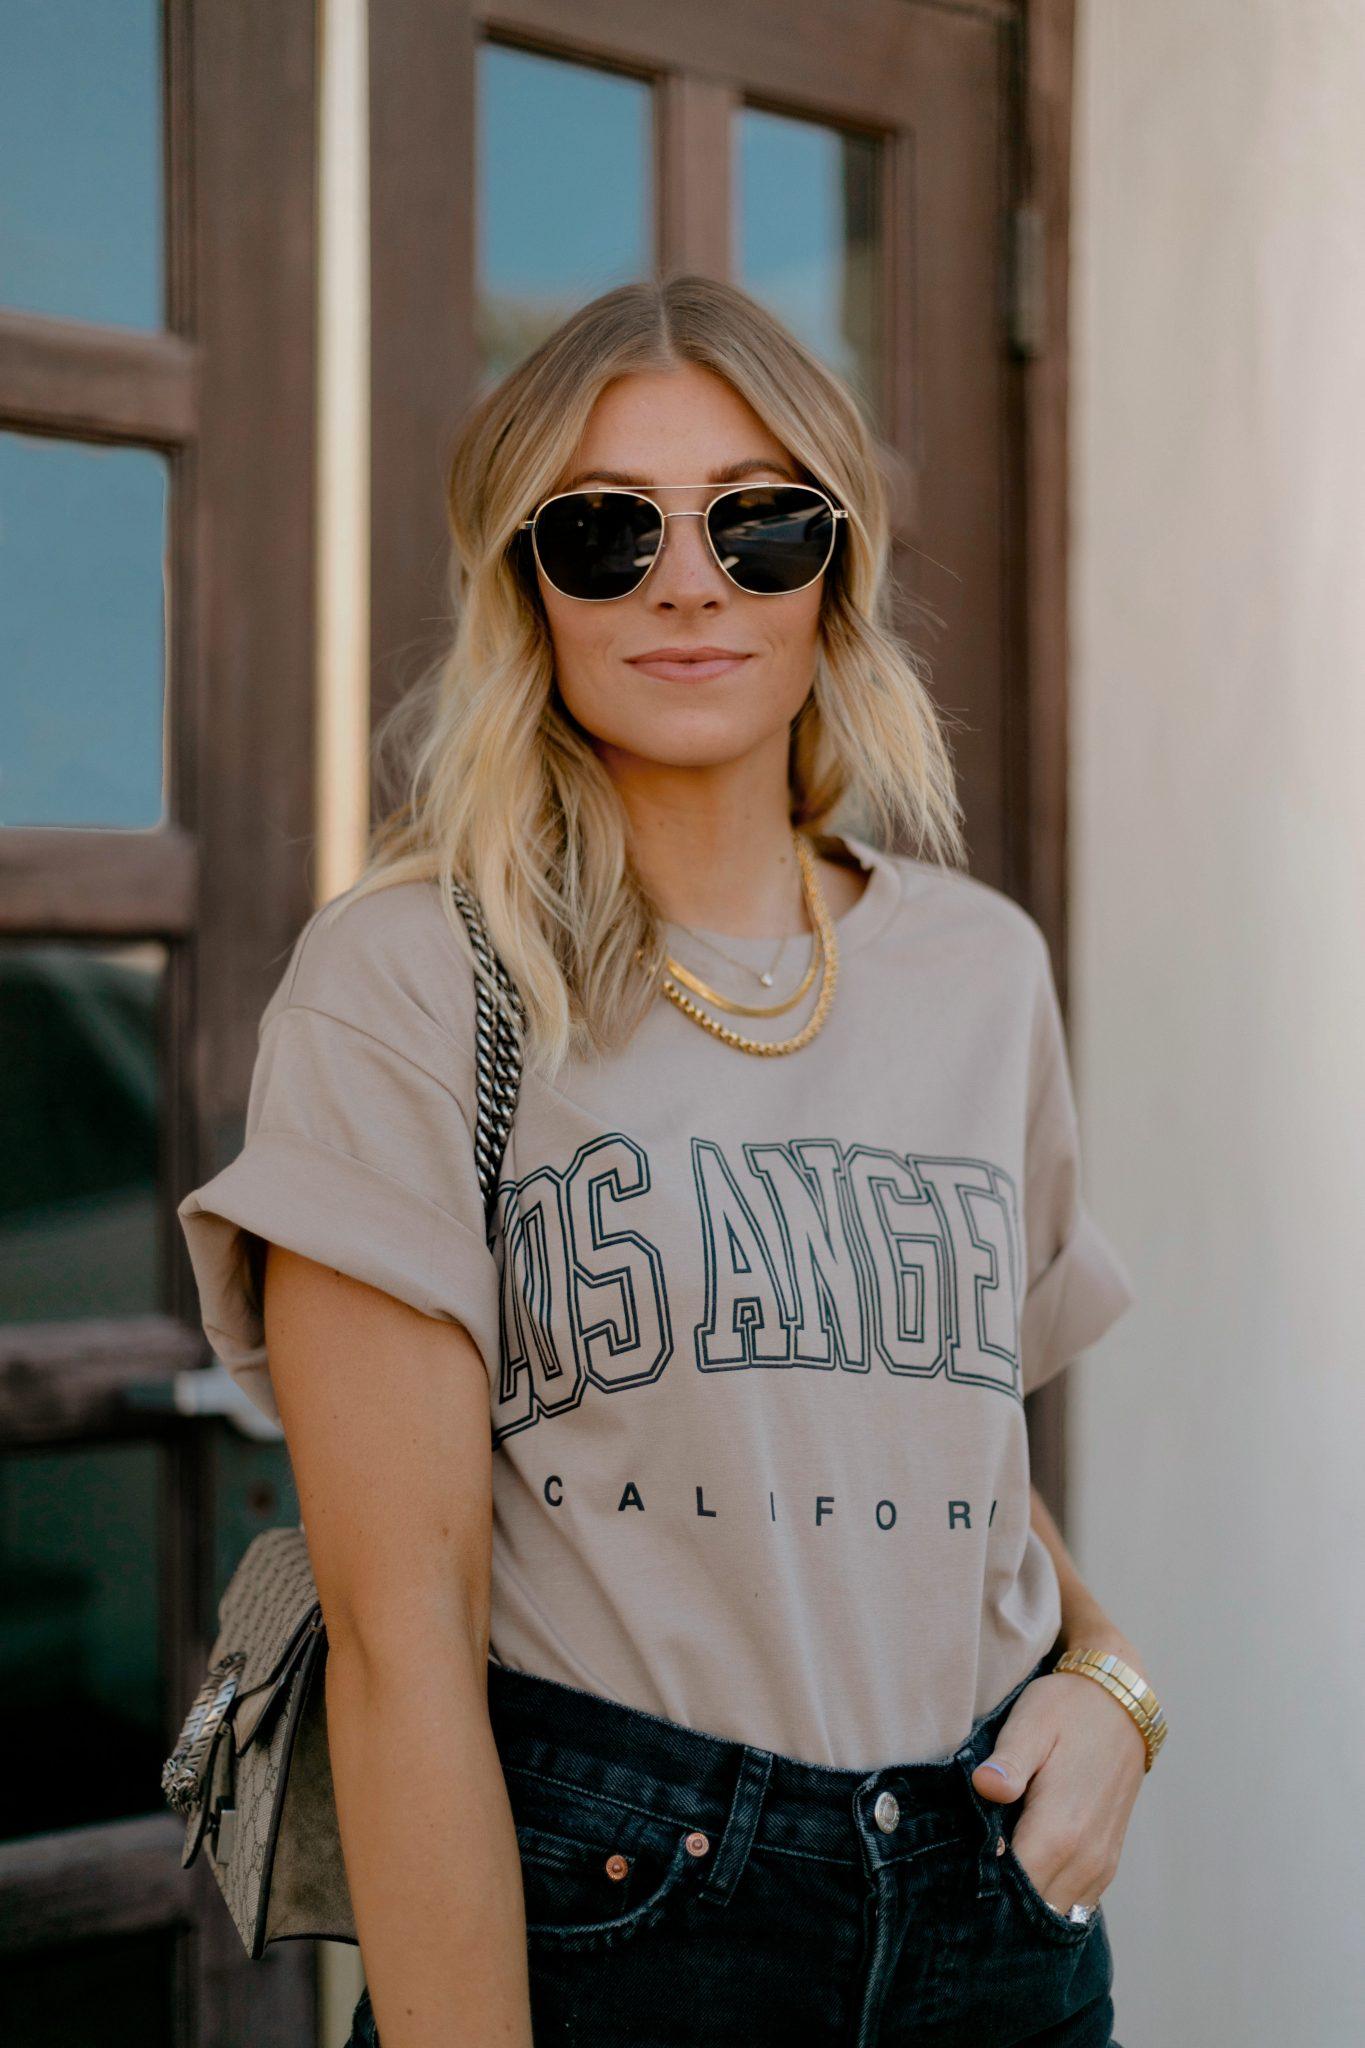 woman wearing printed shirt